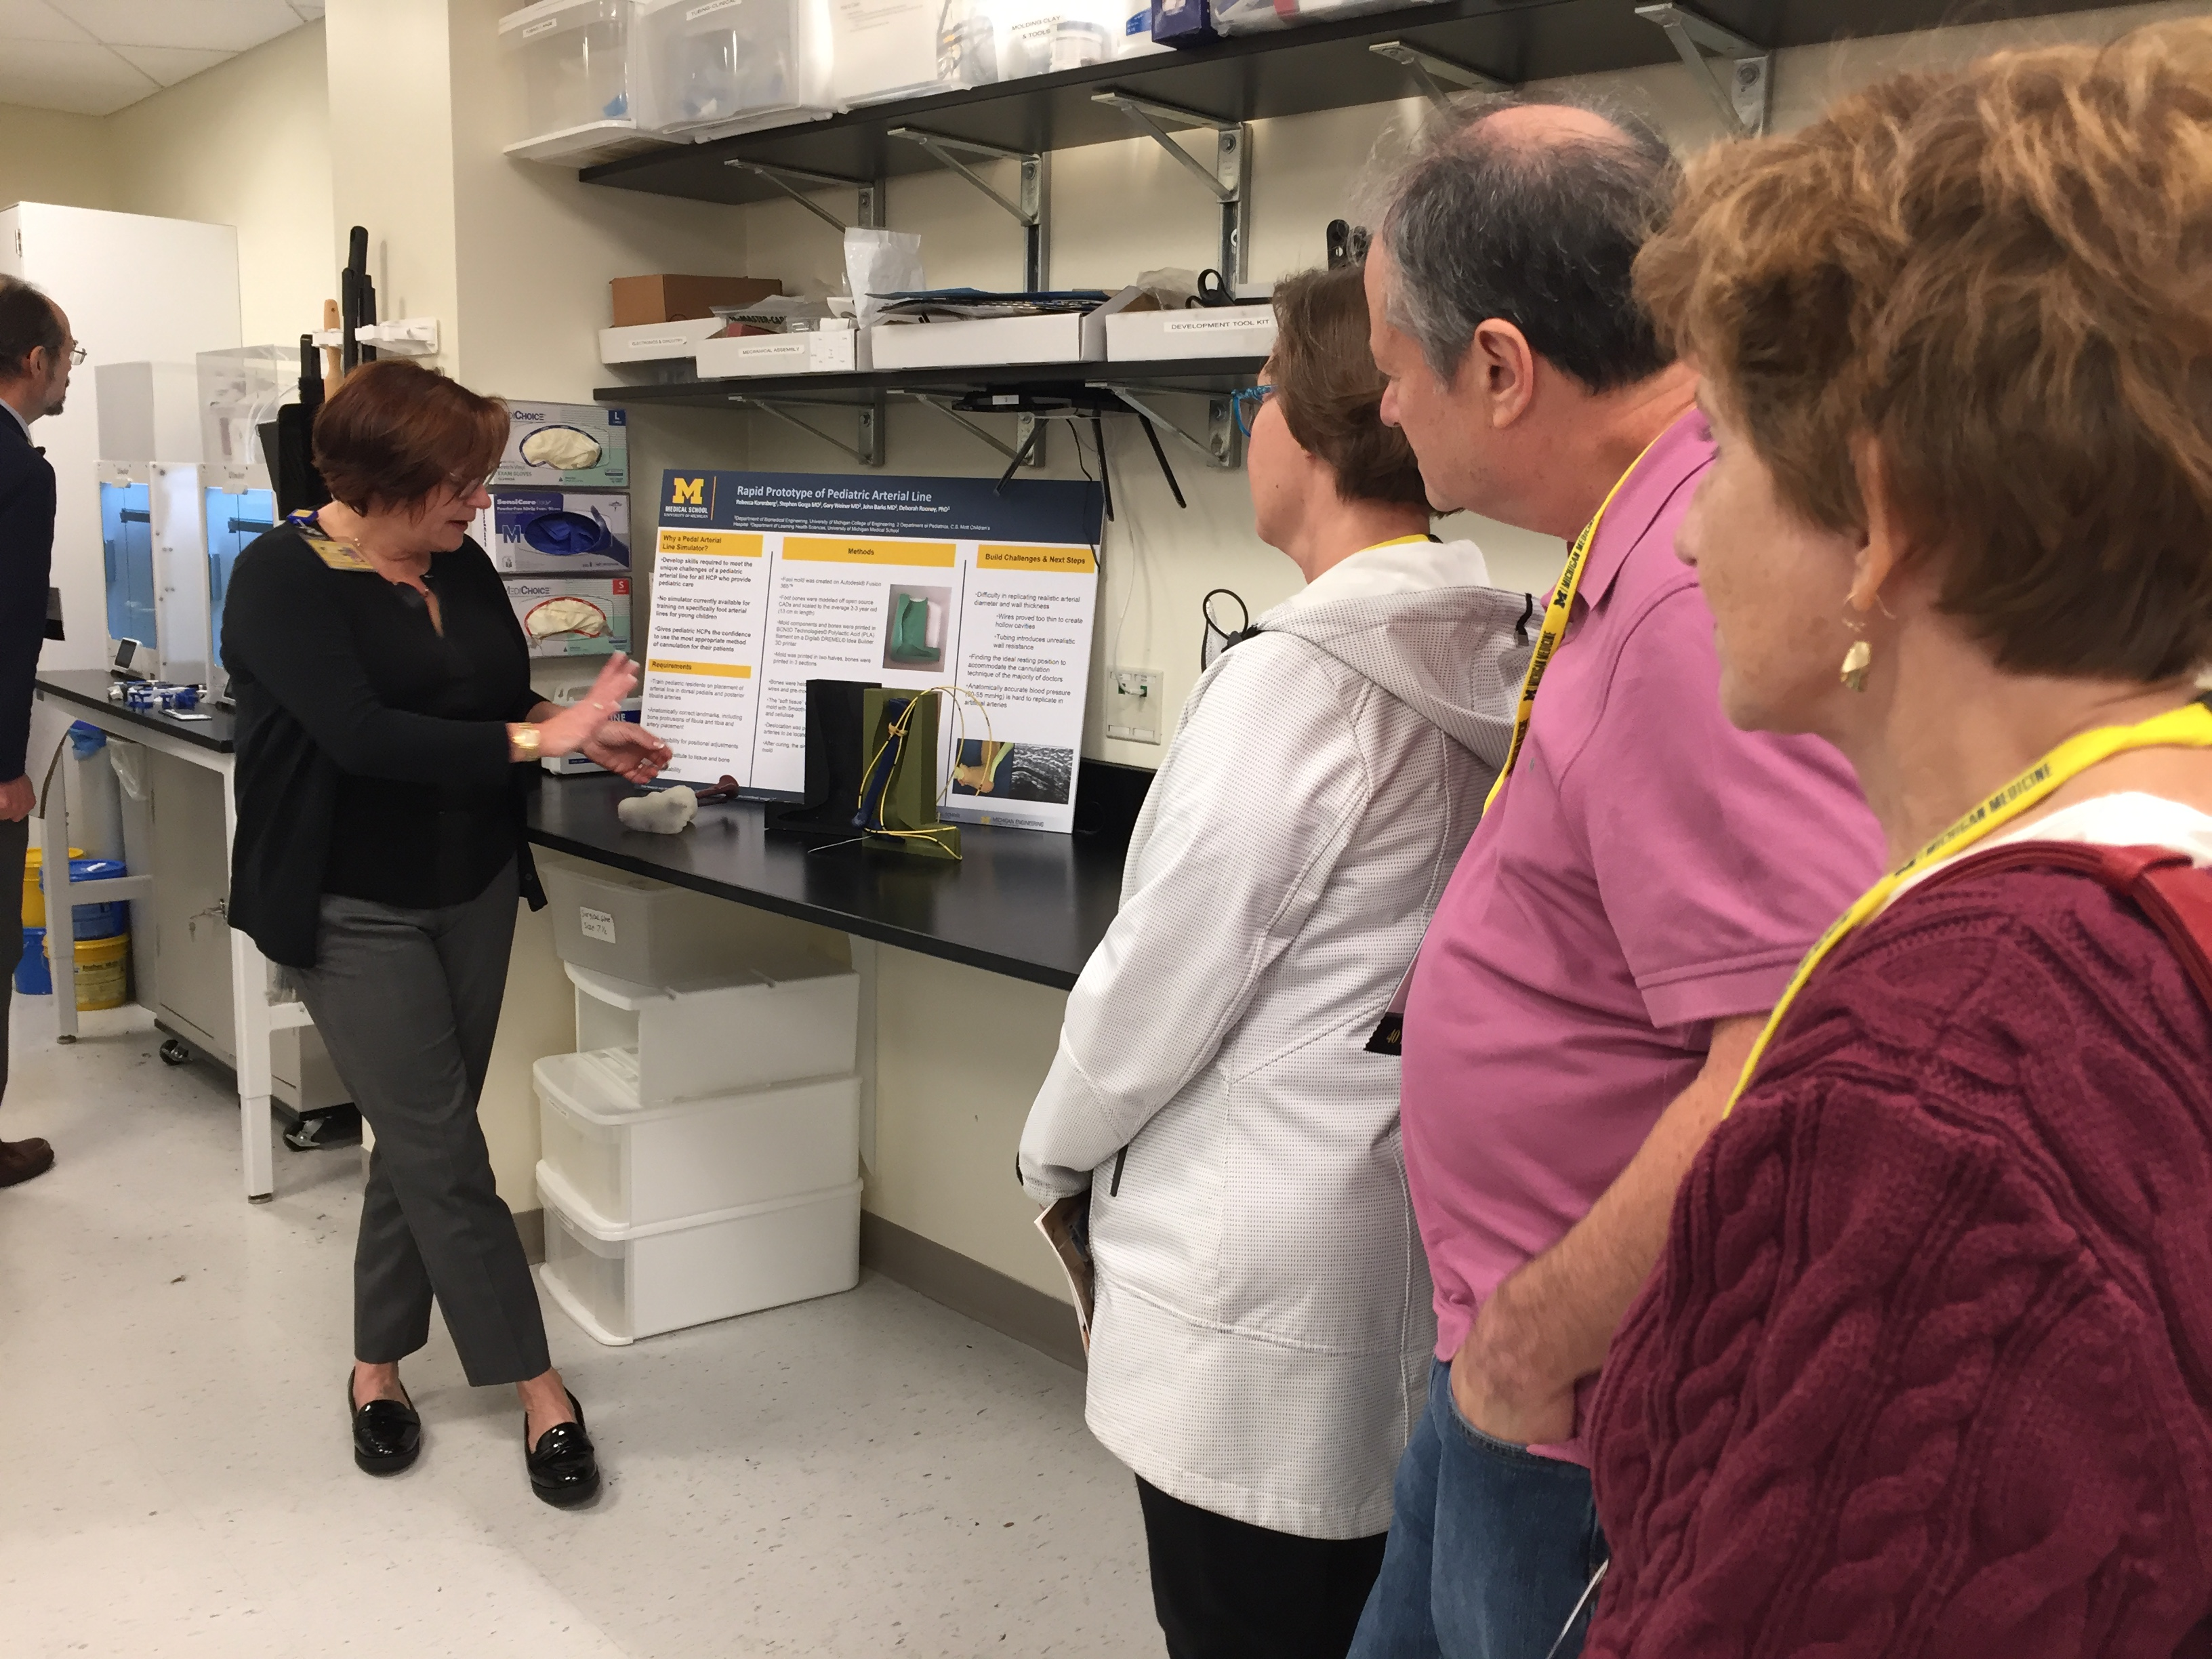 Deborah Rooney & Alumni in 3DI Lab